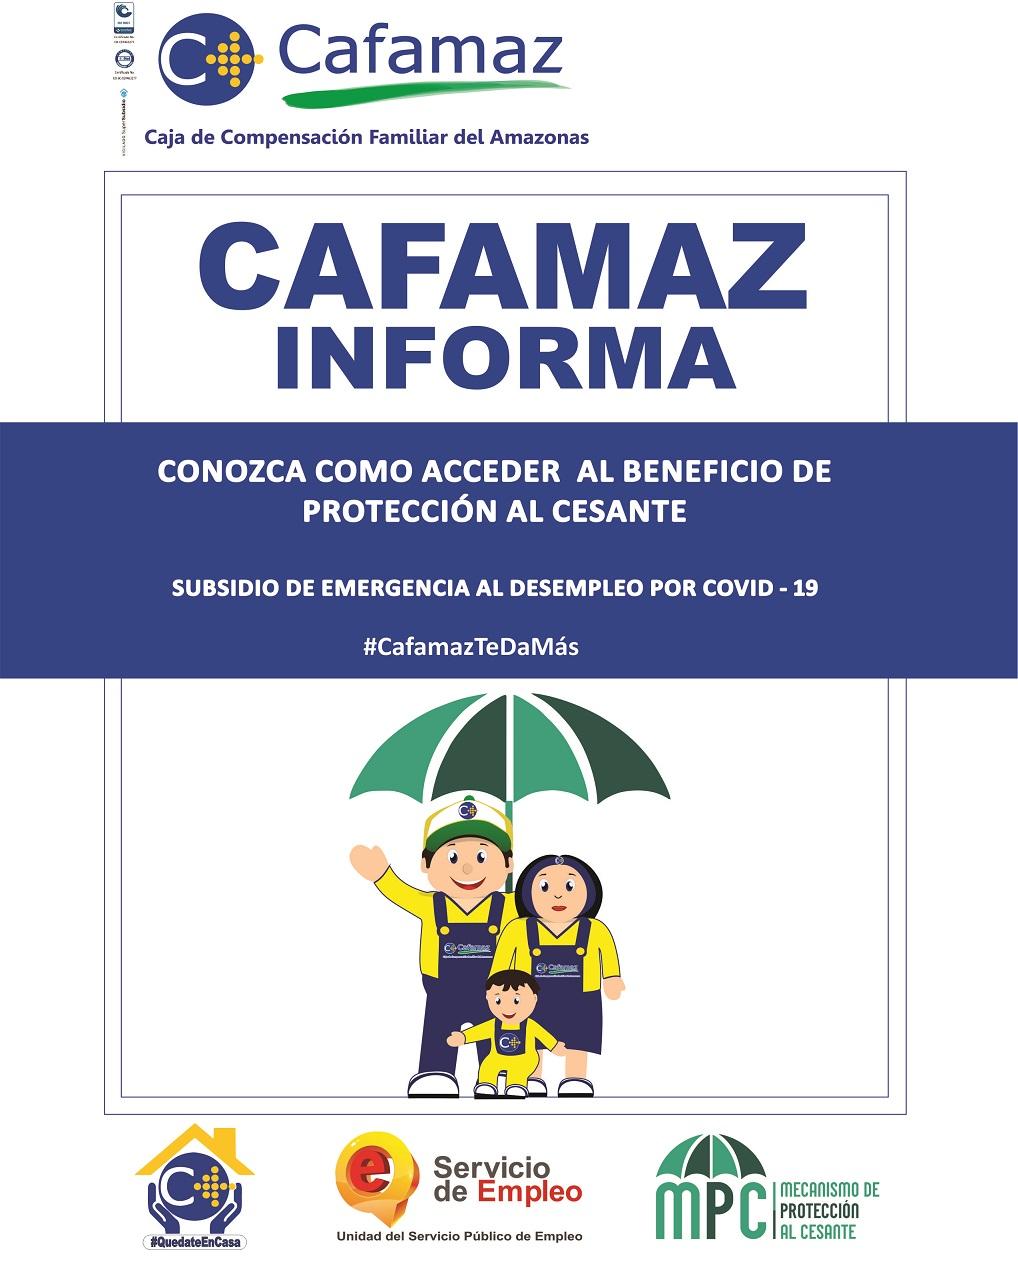 Subsidio de Emergencia al Desempleo por Covid-19   Cafamaz, 2020